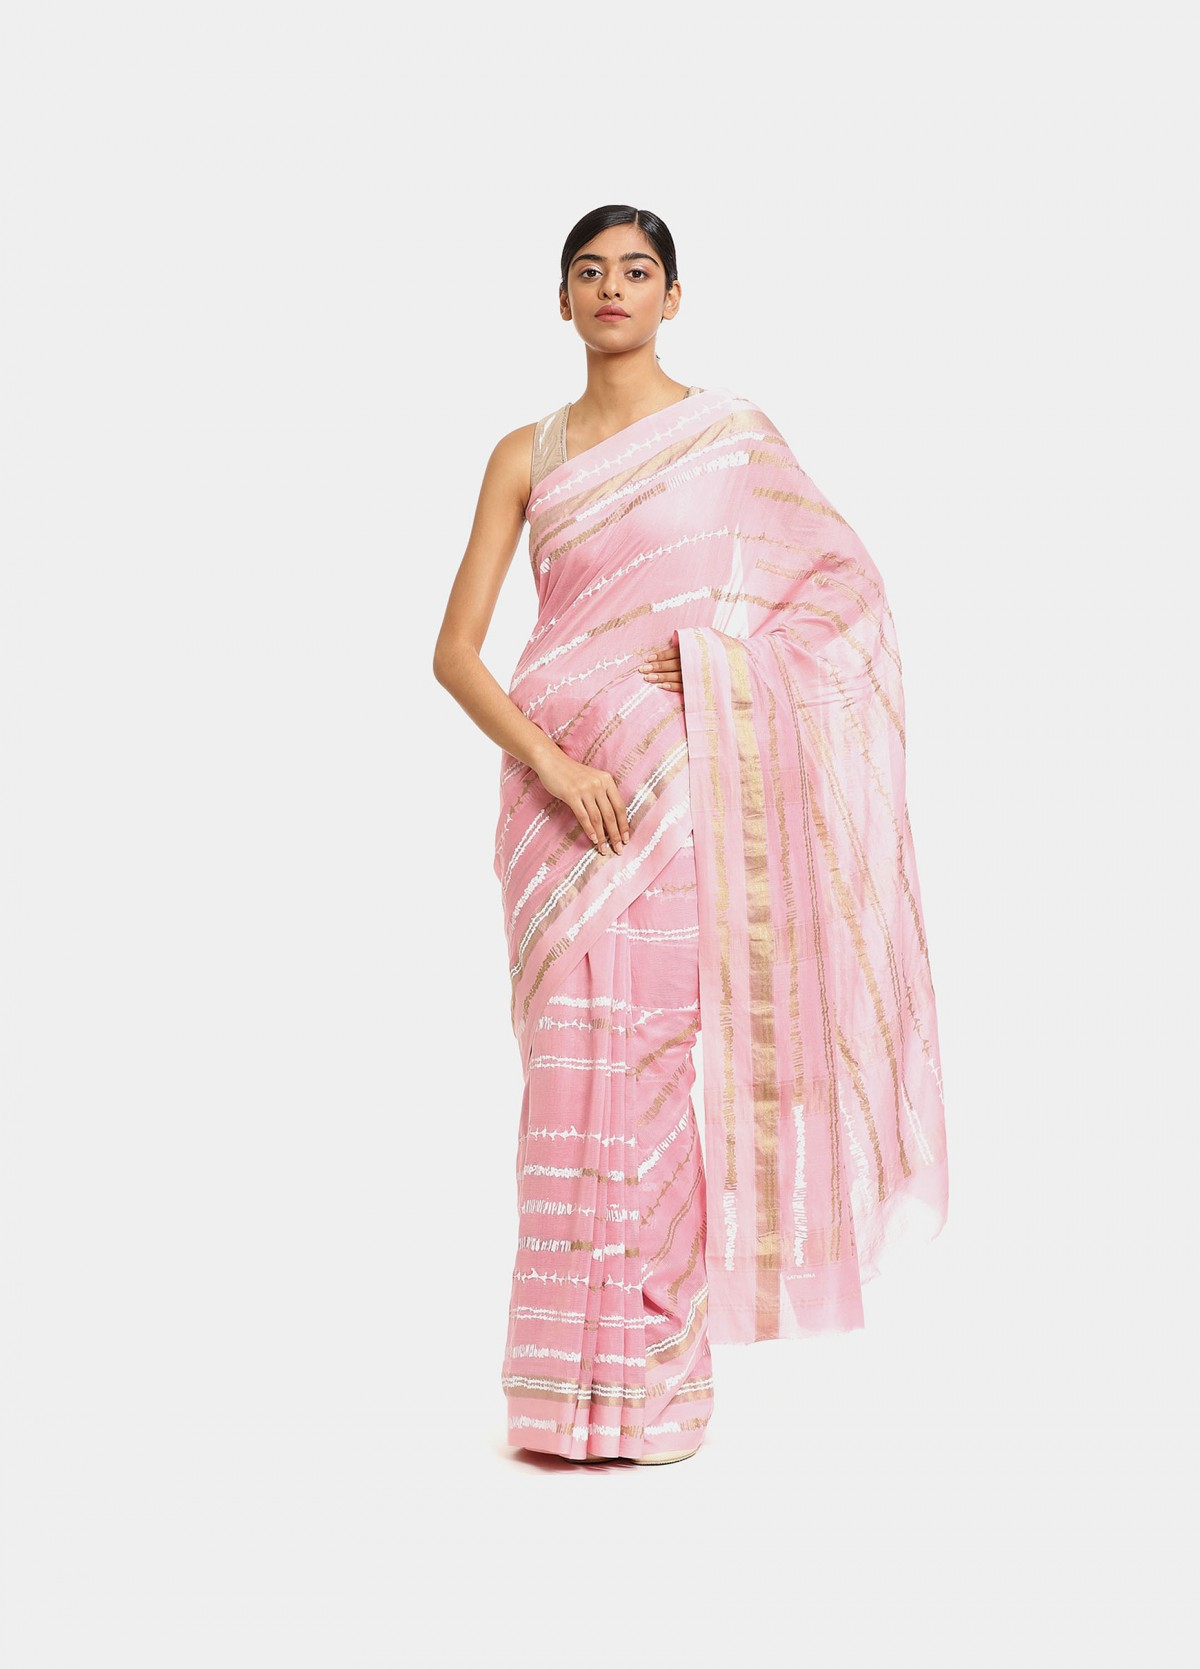 The Gajra Sari